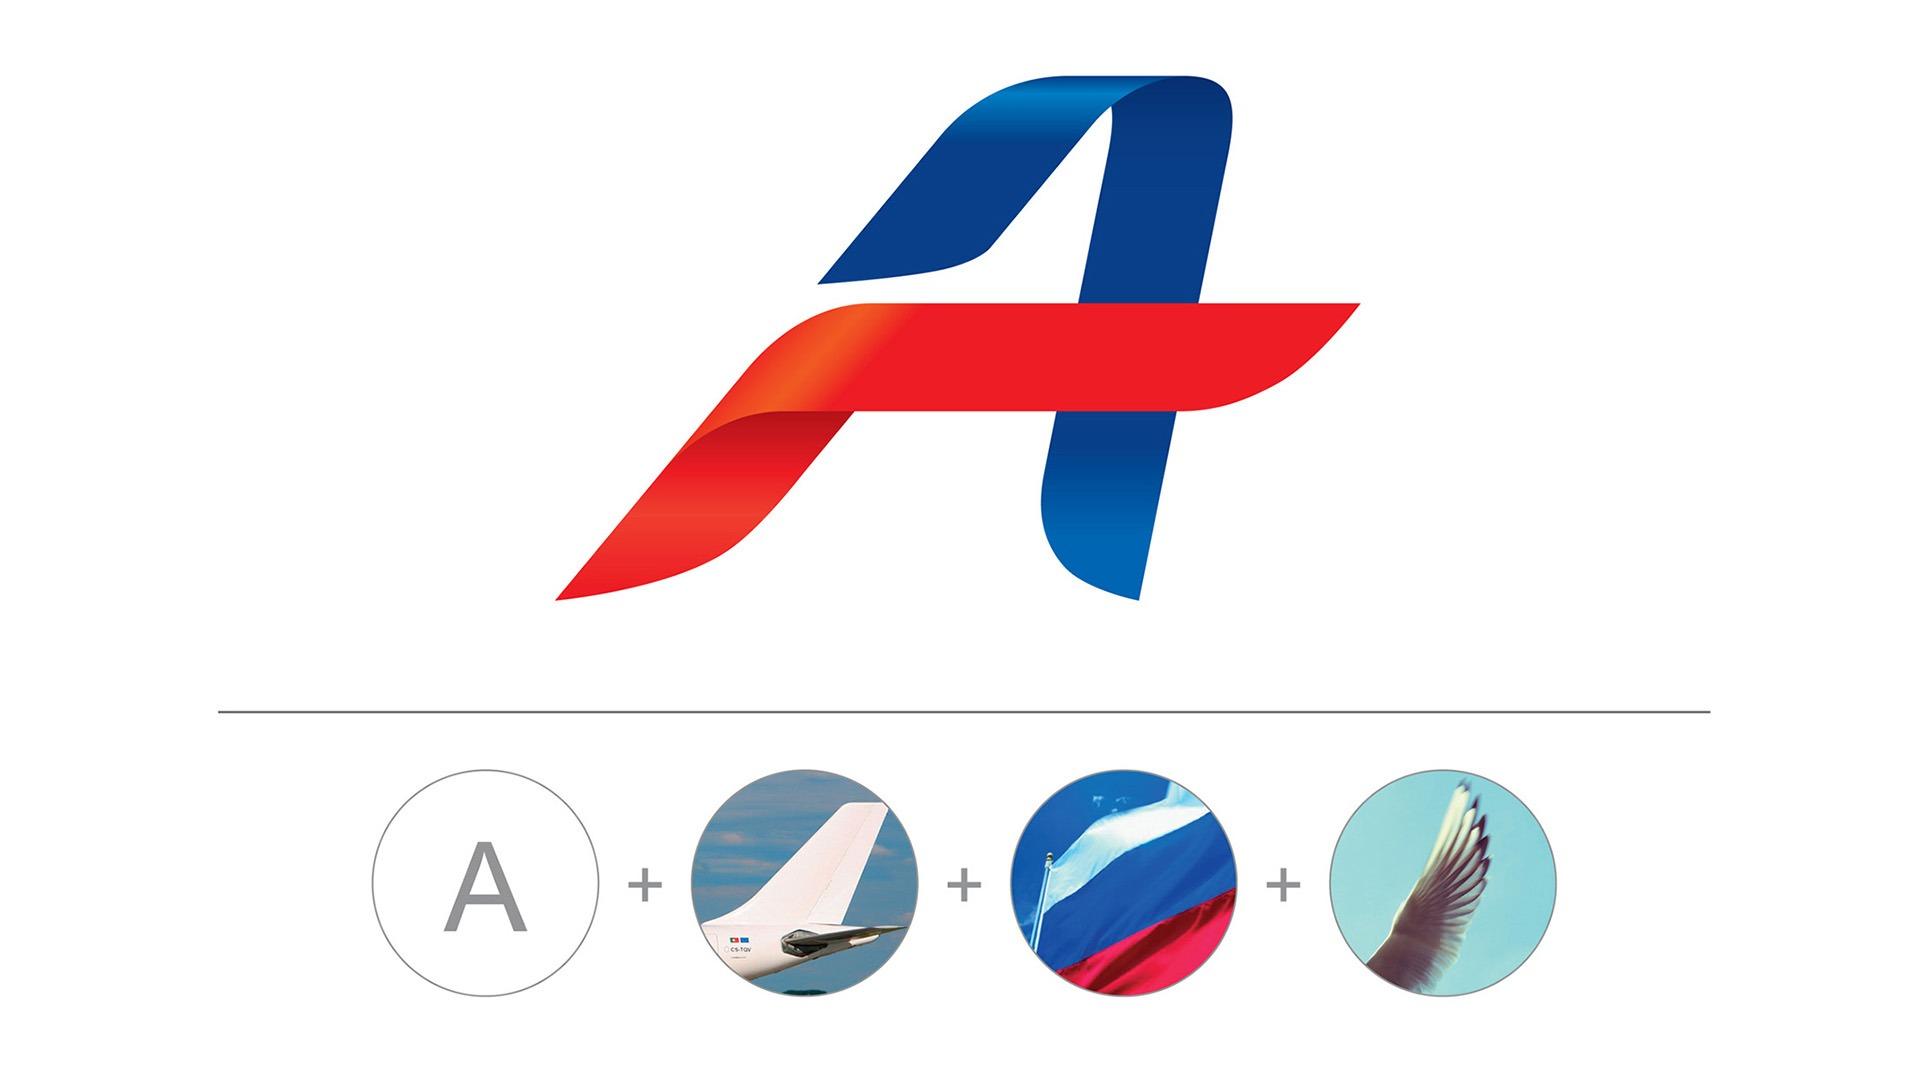 Фирменный стиль авиакомпании, Asgard Branding, лого Аэрофлот, Aeroflot